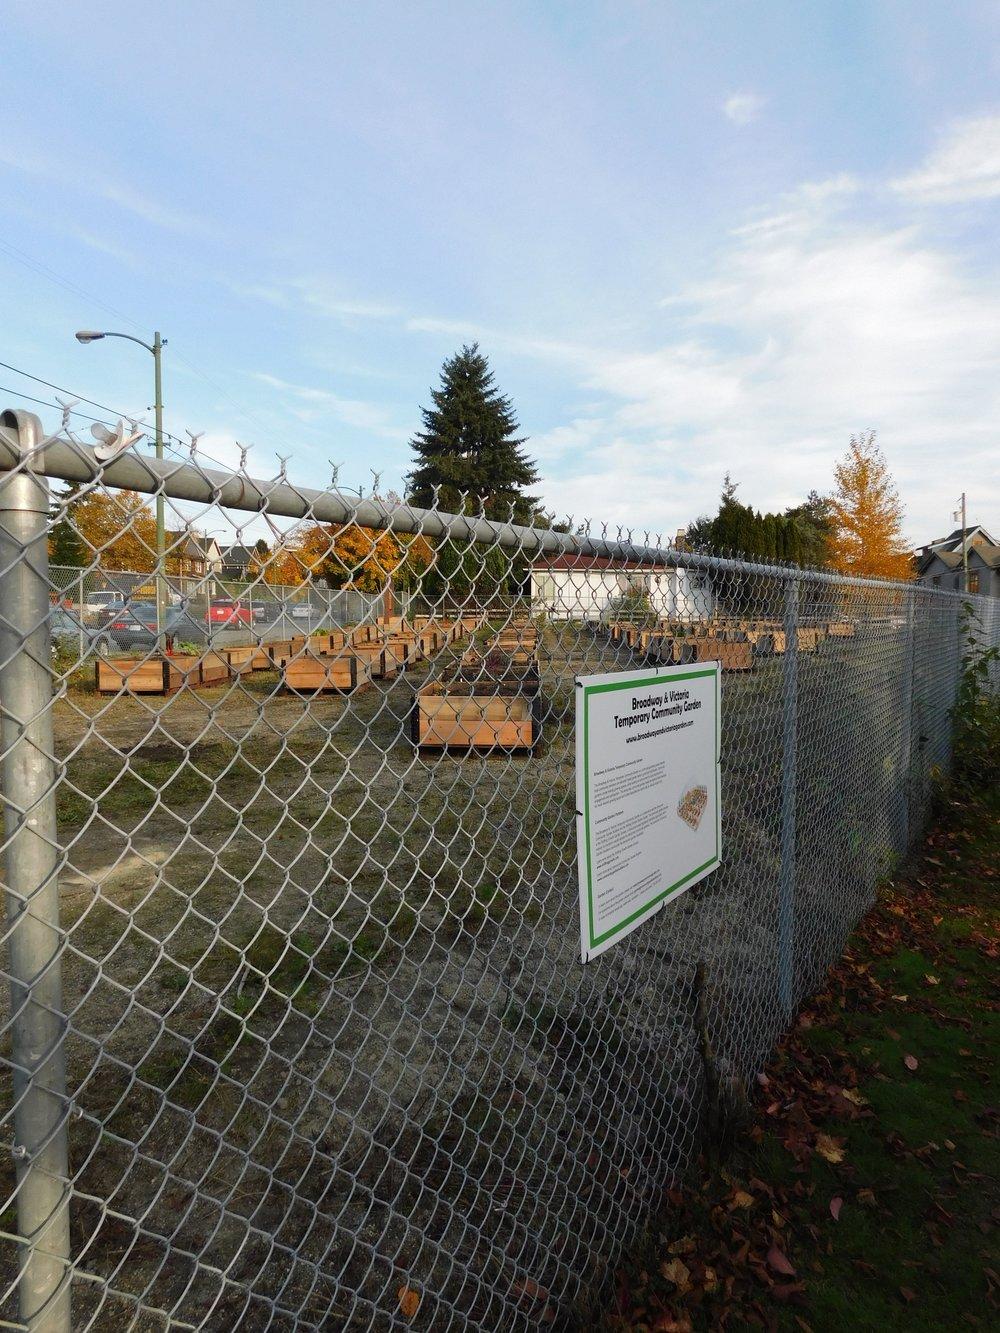 Victoria_Broadway_Vancouver_Community_Garden_Builders-0018.JPG